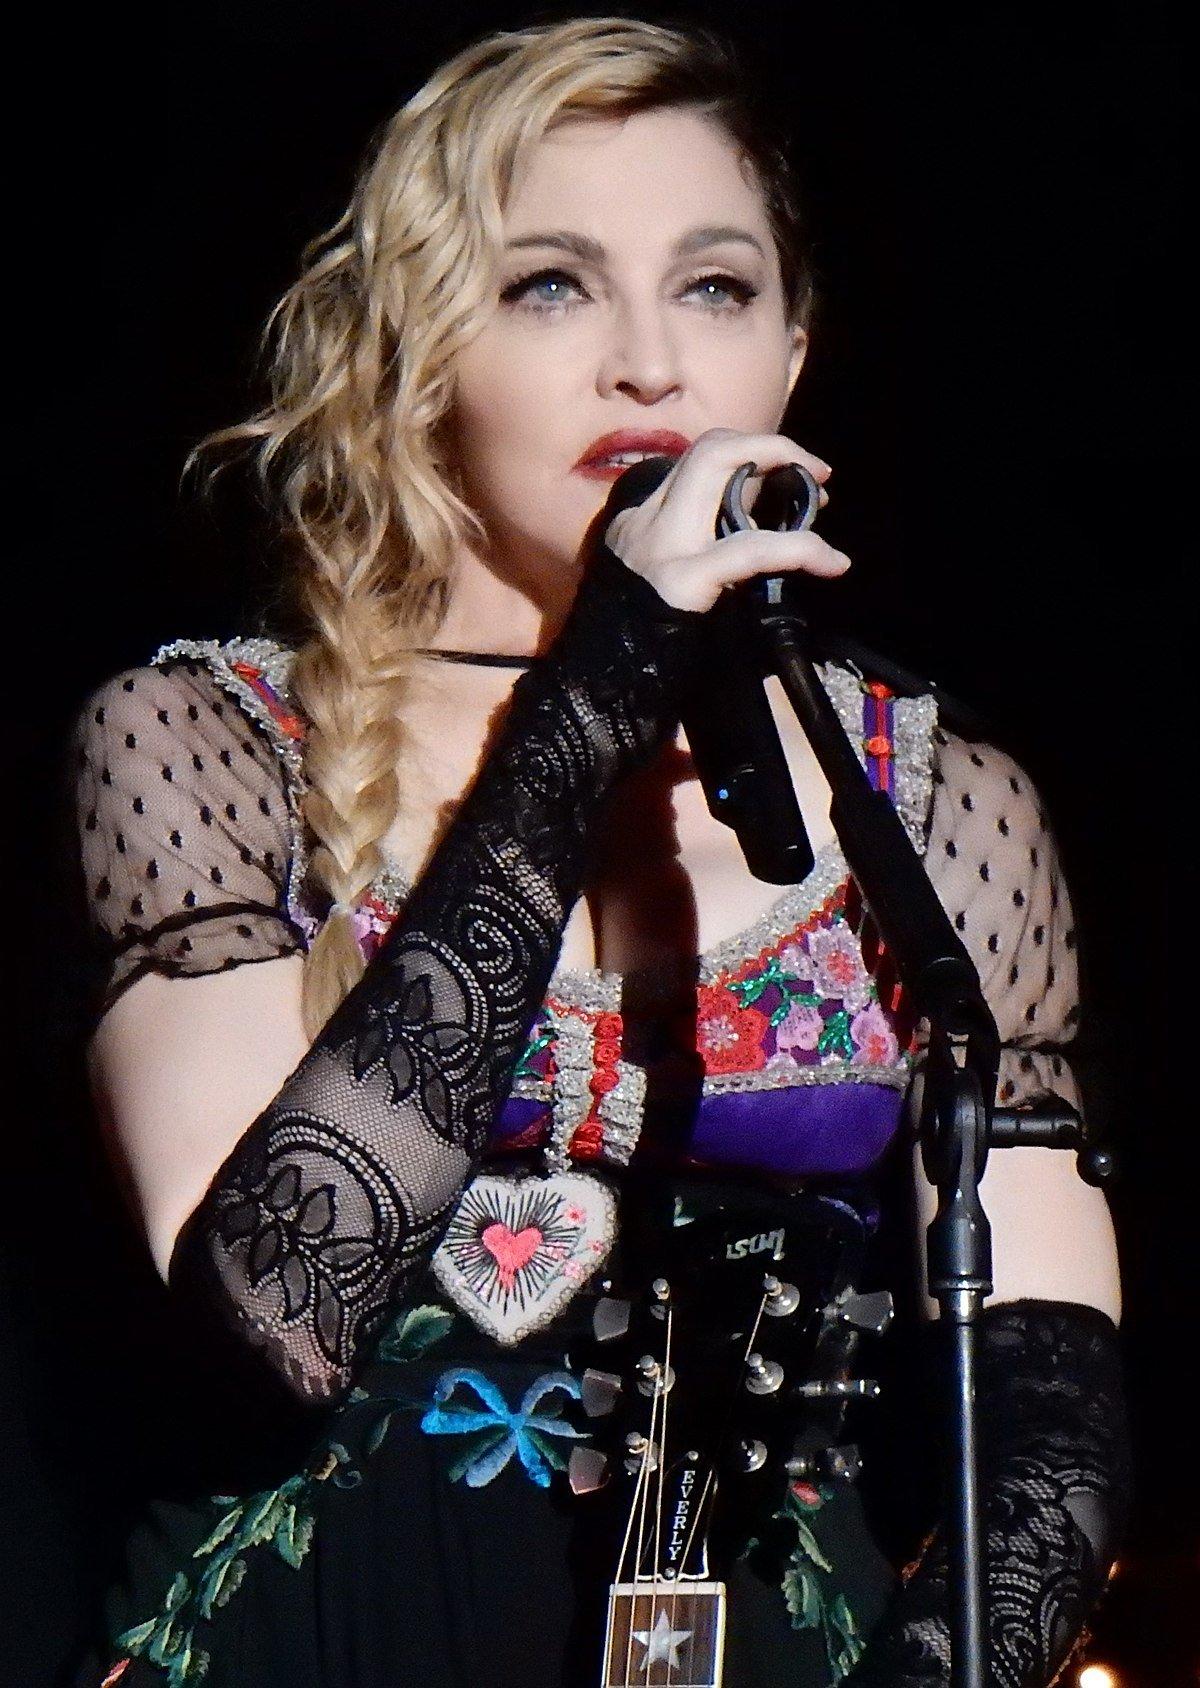 Мадонна шокировала сеть возмутительным селфи топлес